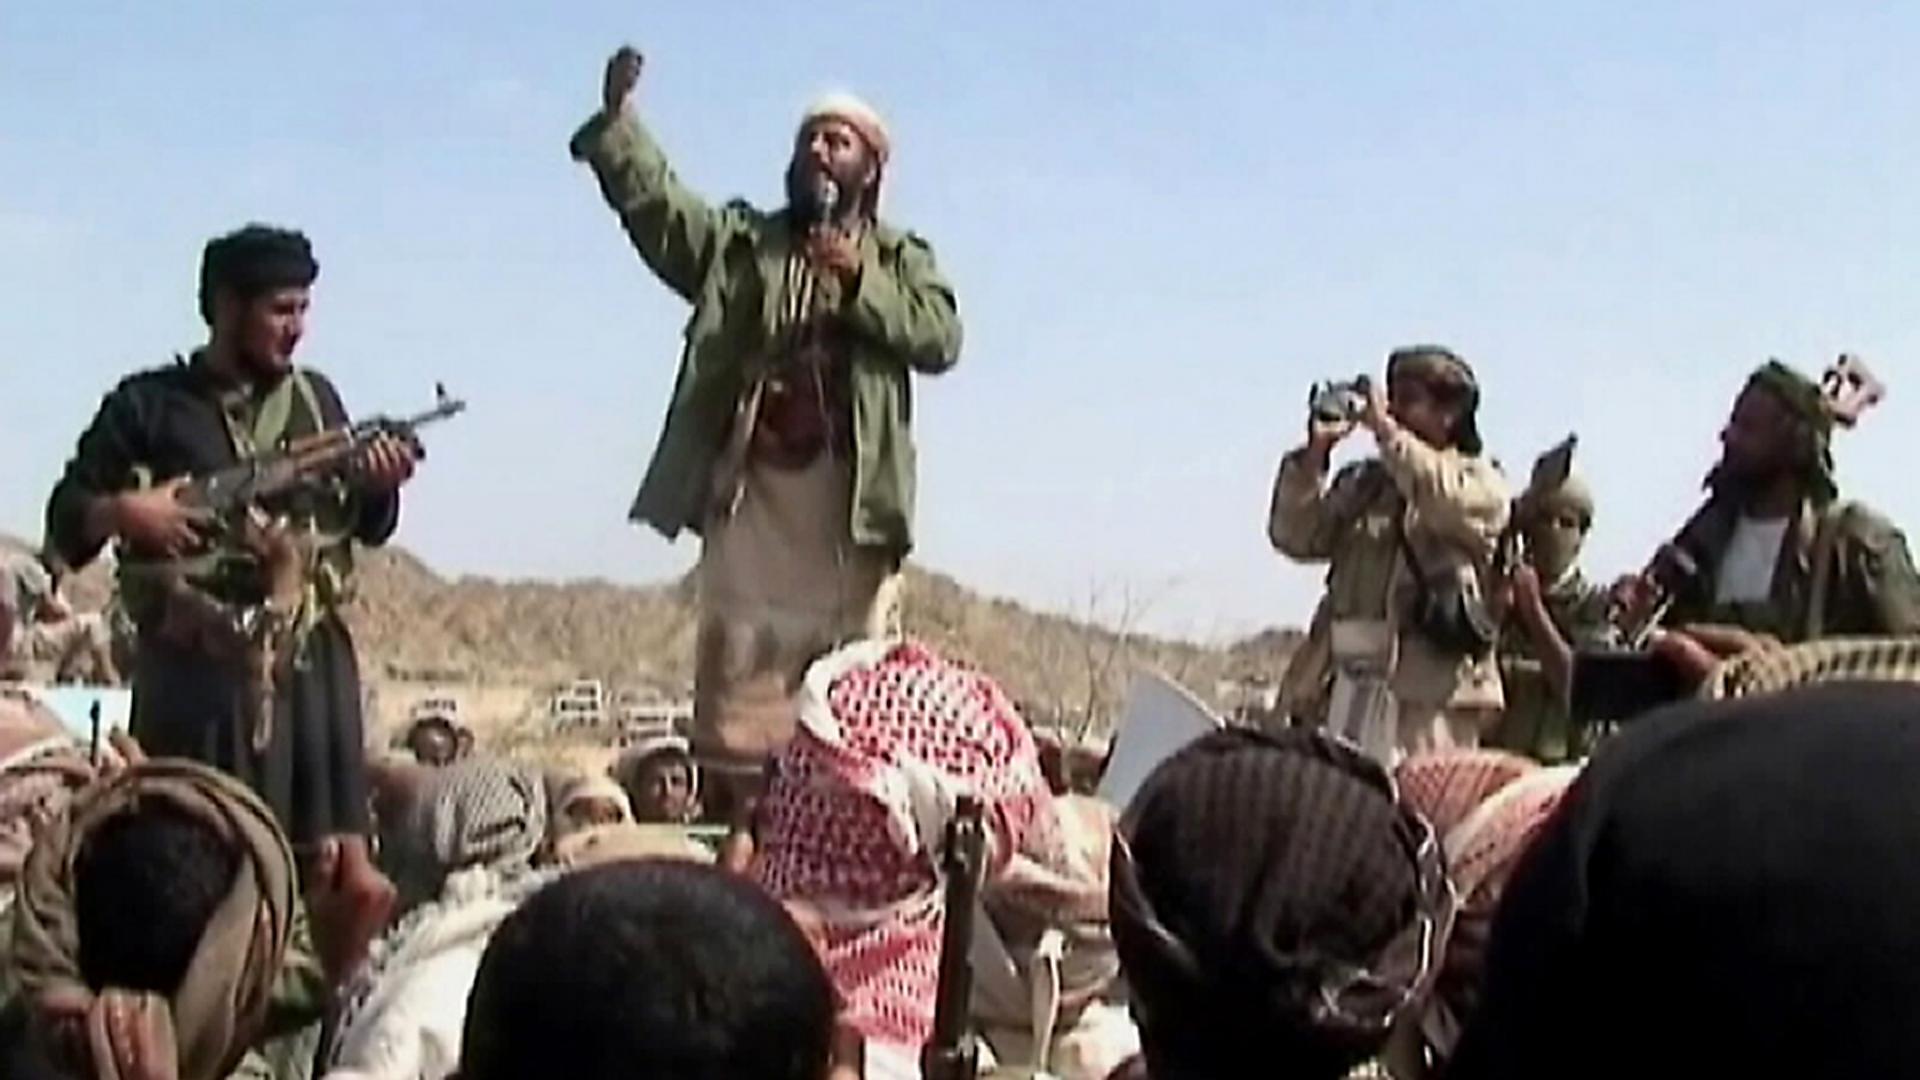 """زعيم القاعدة يدعو السنّة للوحدة بوجه الشيعة و""""أعداء للأمة"""".. وهذا ما قاله"""